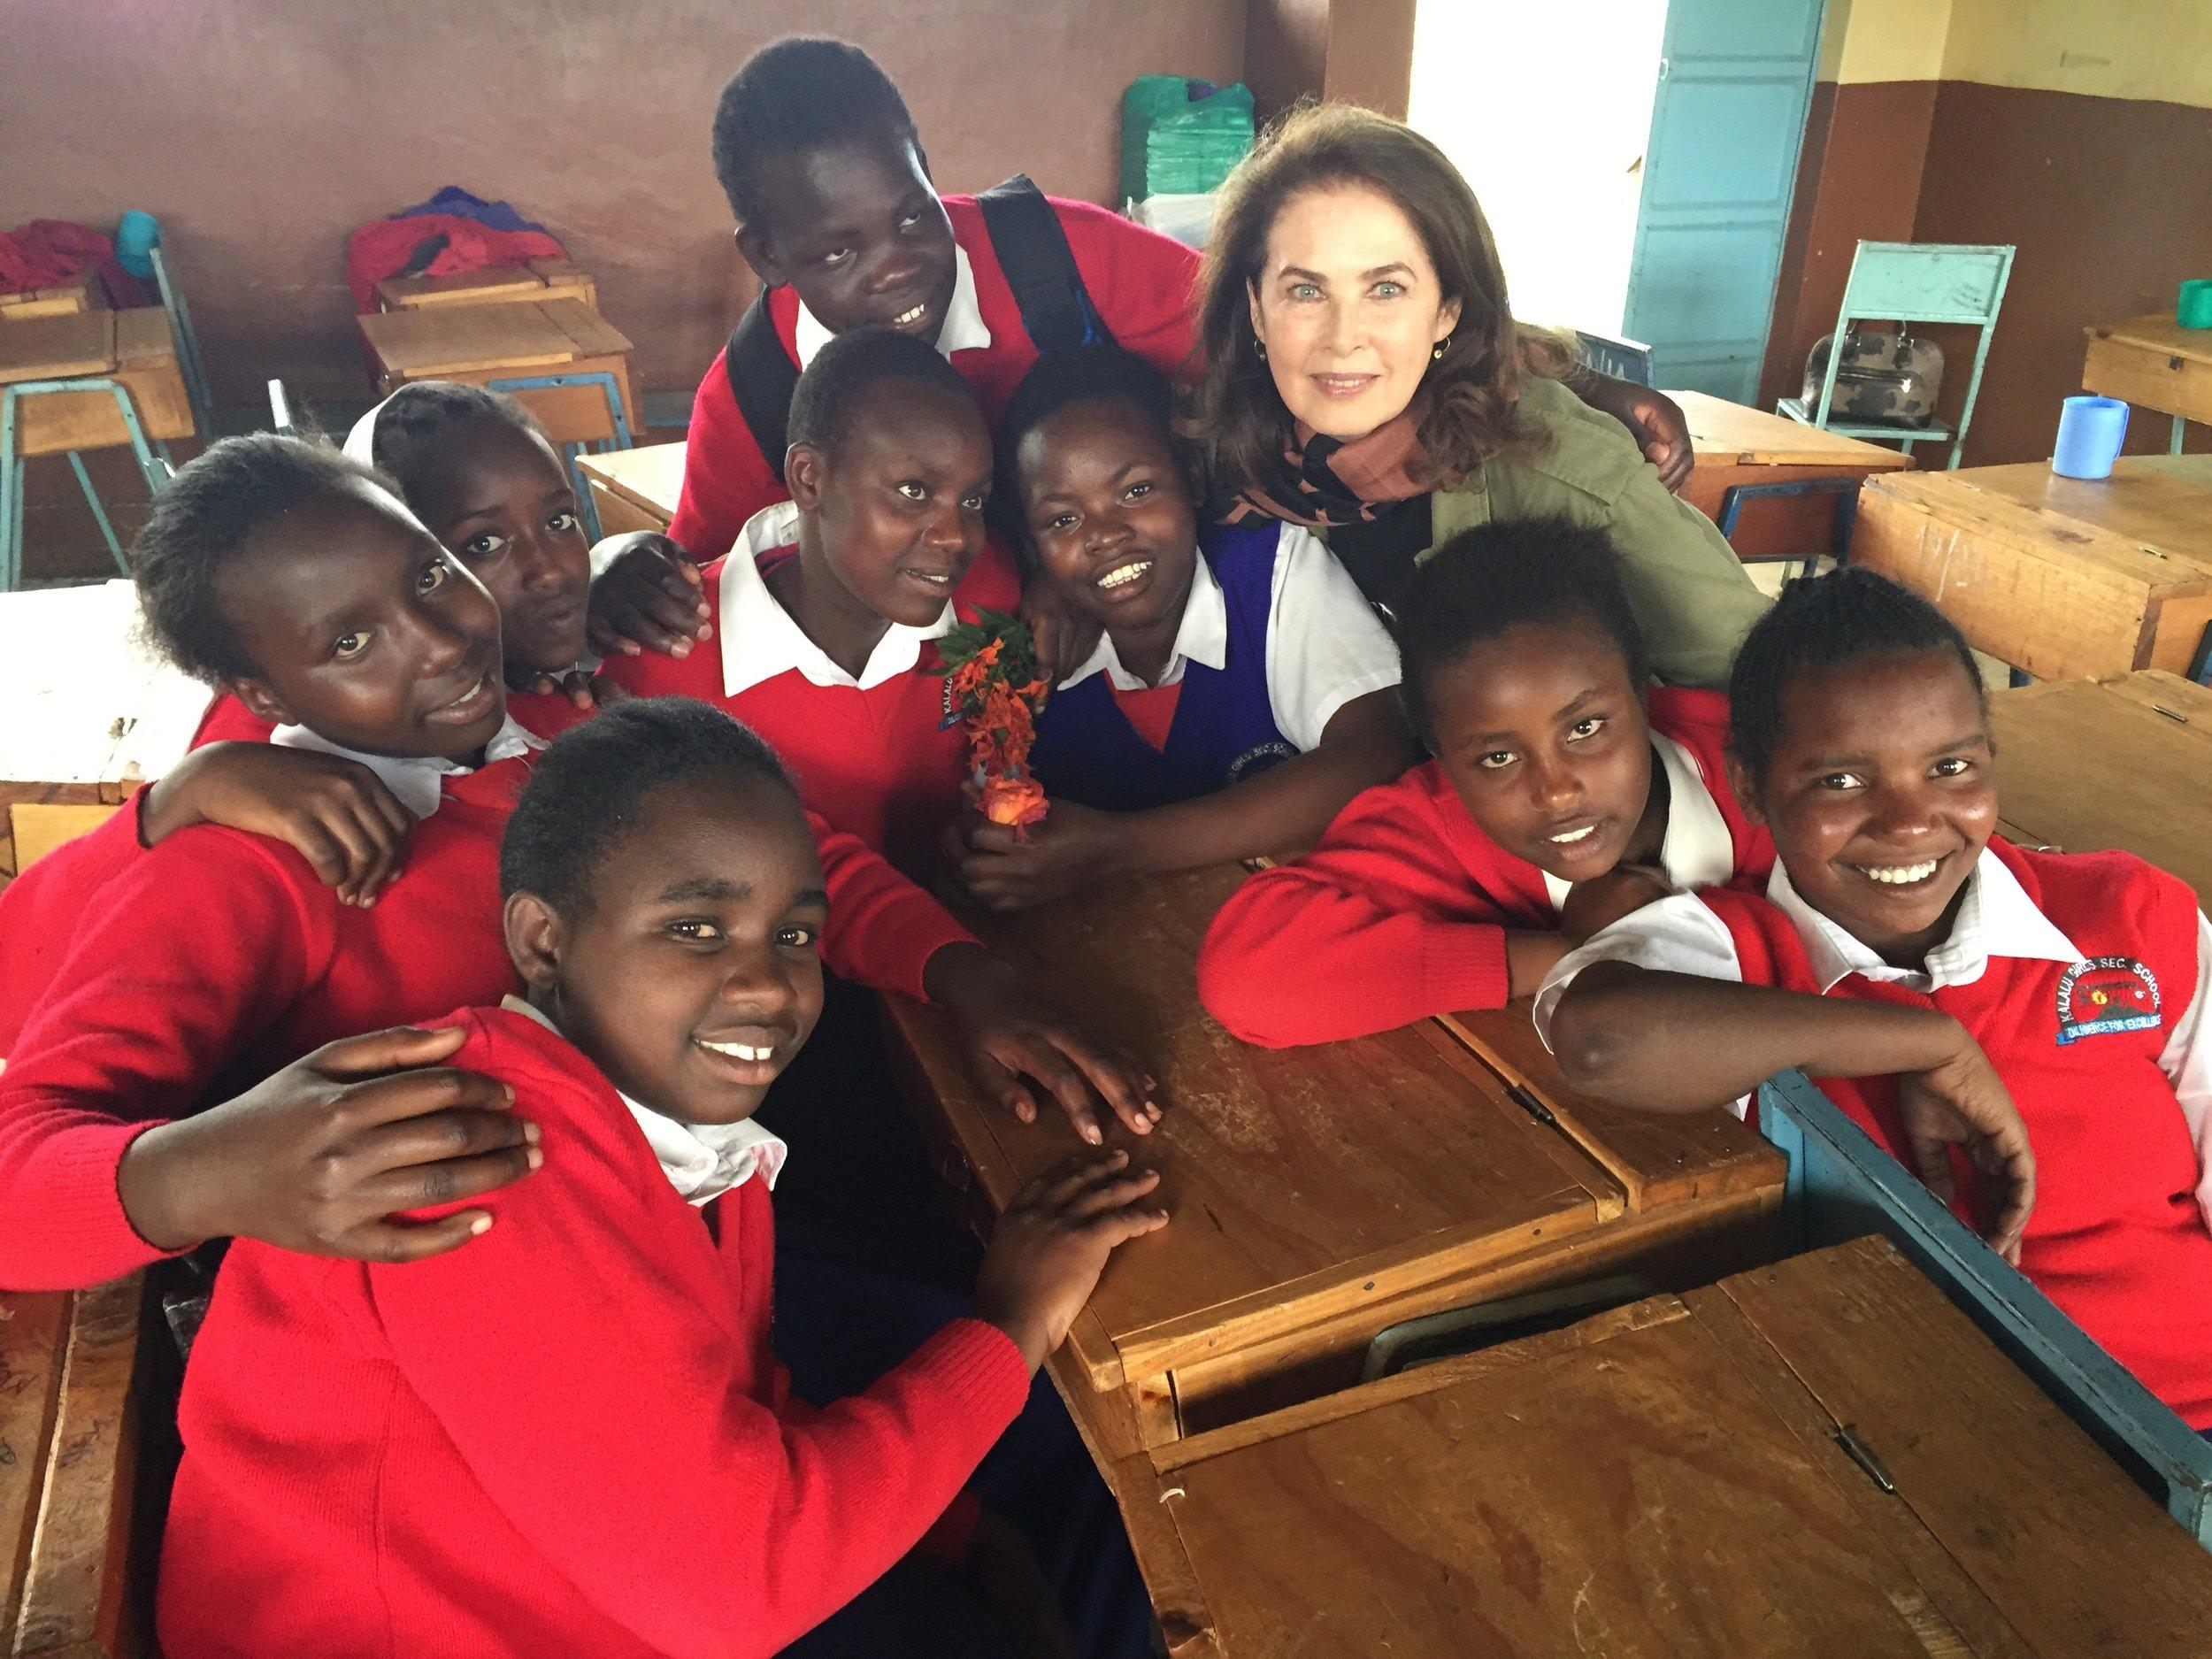 Dayle with schoolgirls in Kenya